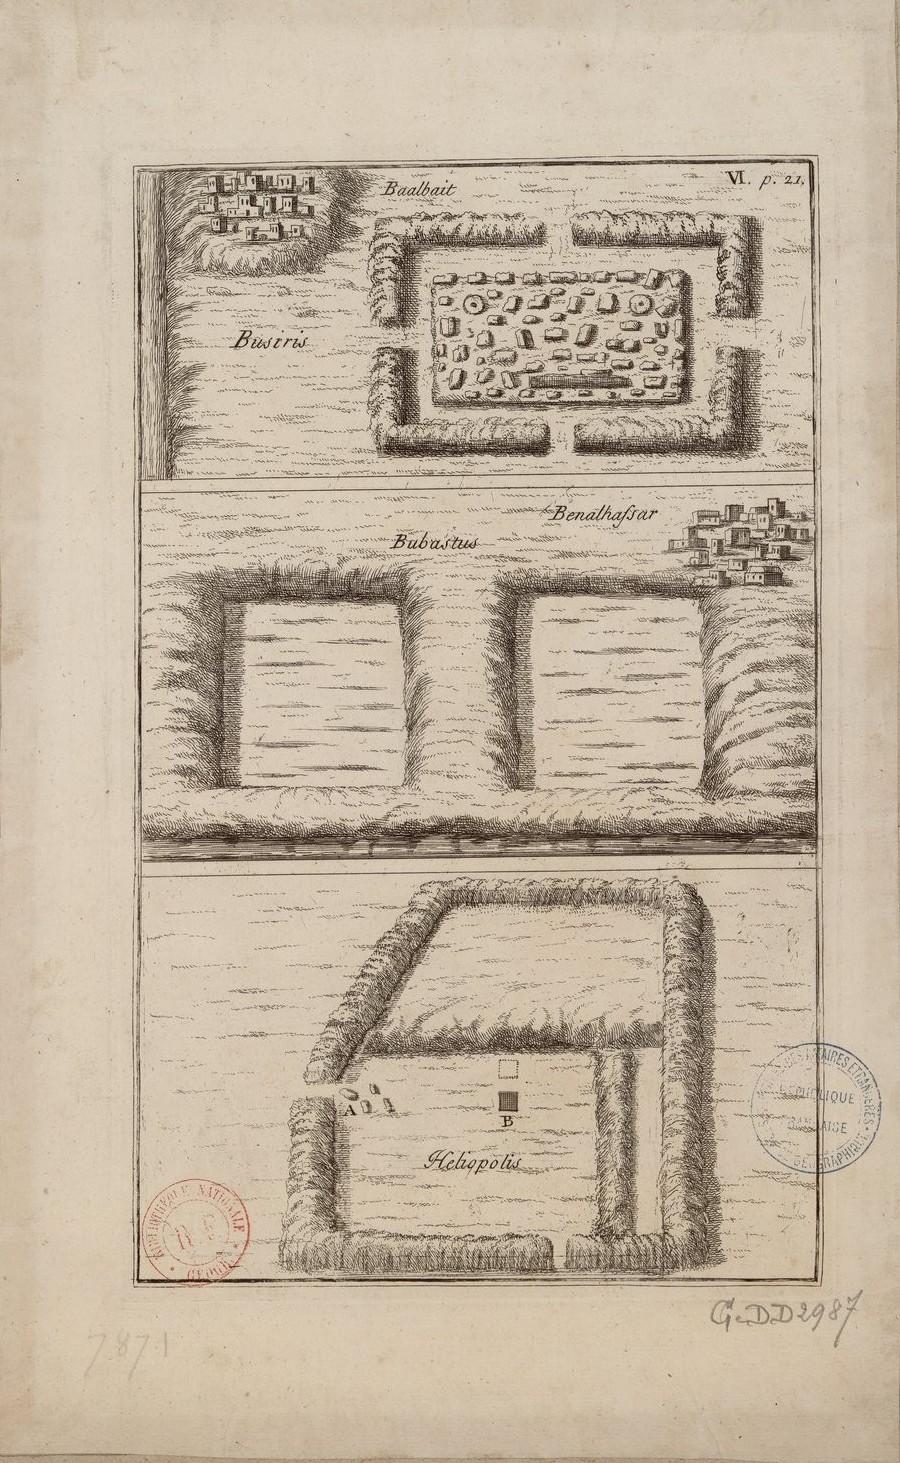 Бусирис, Беналхафсар, Гелиополис